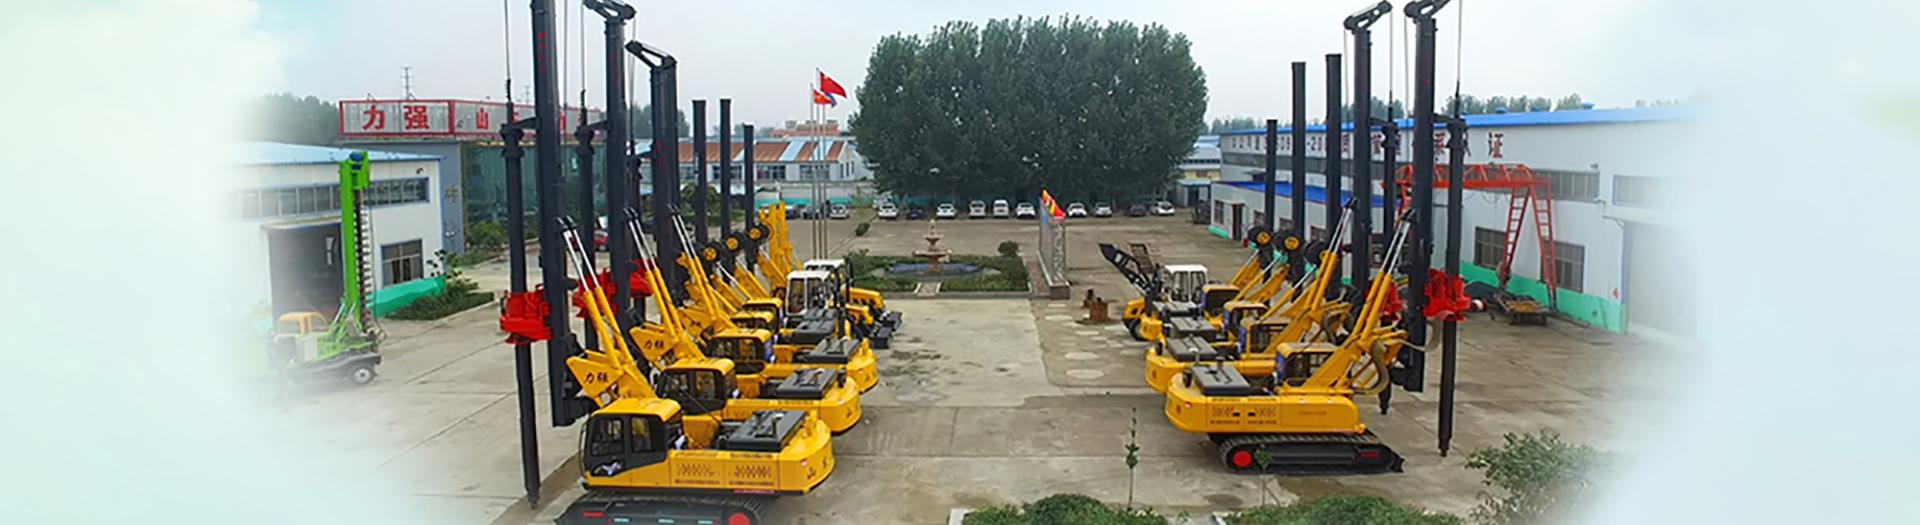 山东滕州旋挖机厂家生产的小型旋挖钻机出口20多个国家和地区